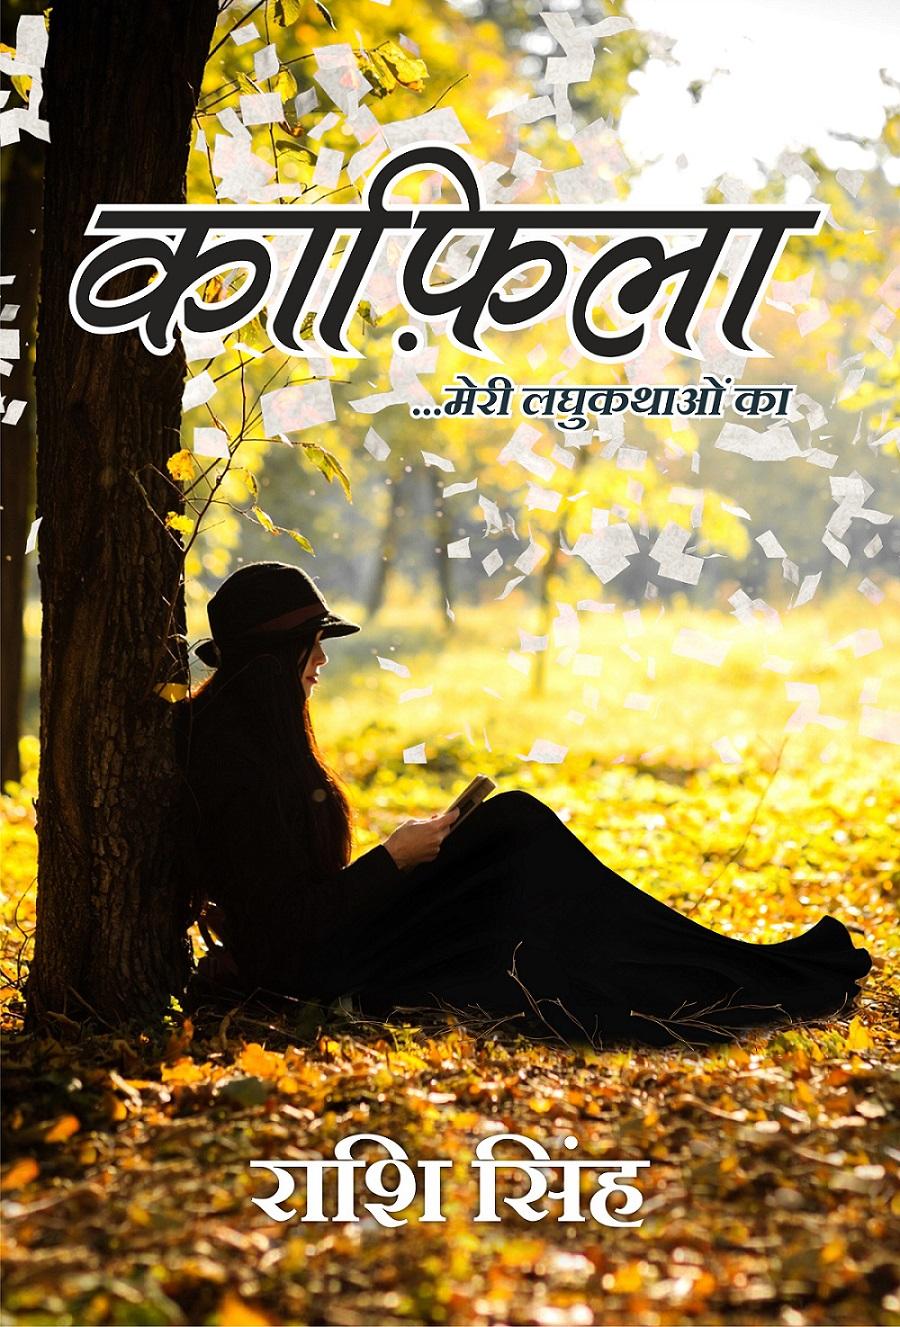 काफ़िला ... मेरी लघुकथाओं का (Kafila ... Meri Laghukathaon Ka)